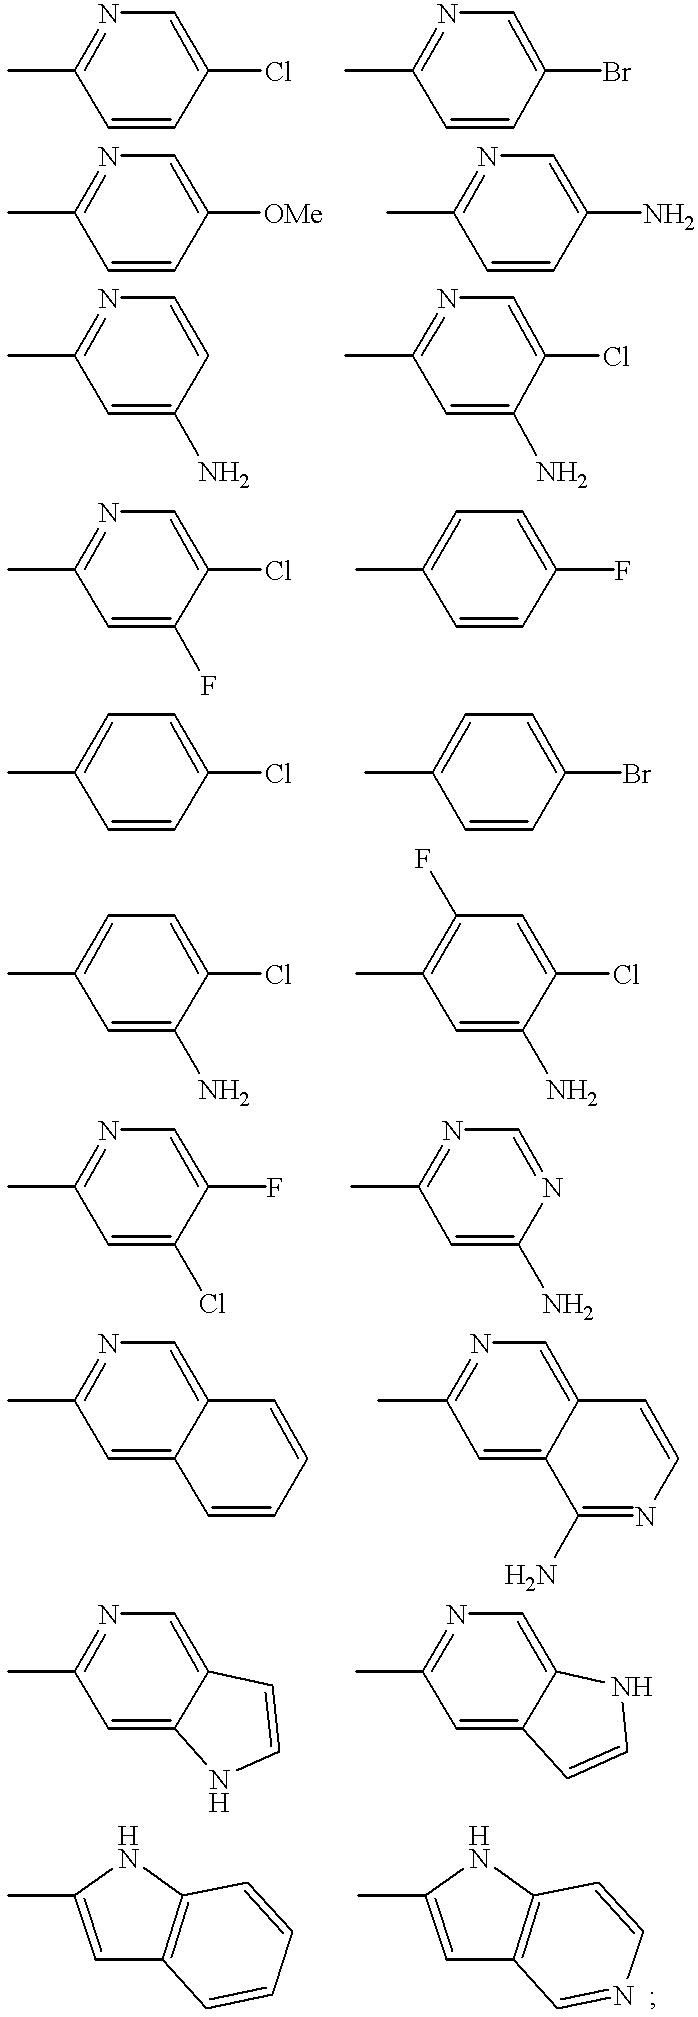 Figure US06376515-20020423-C00109